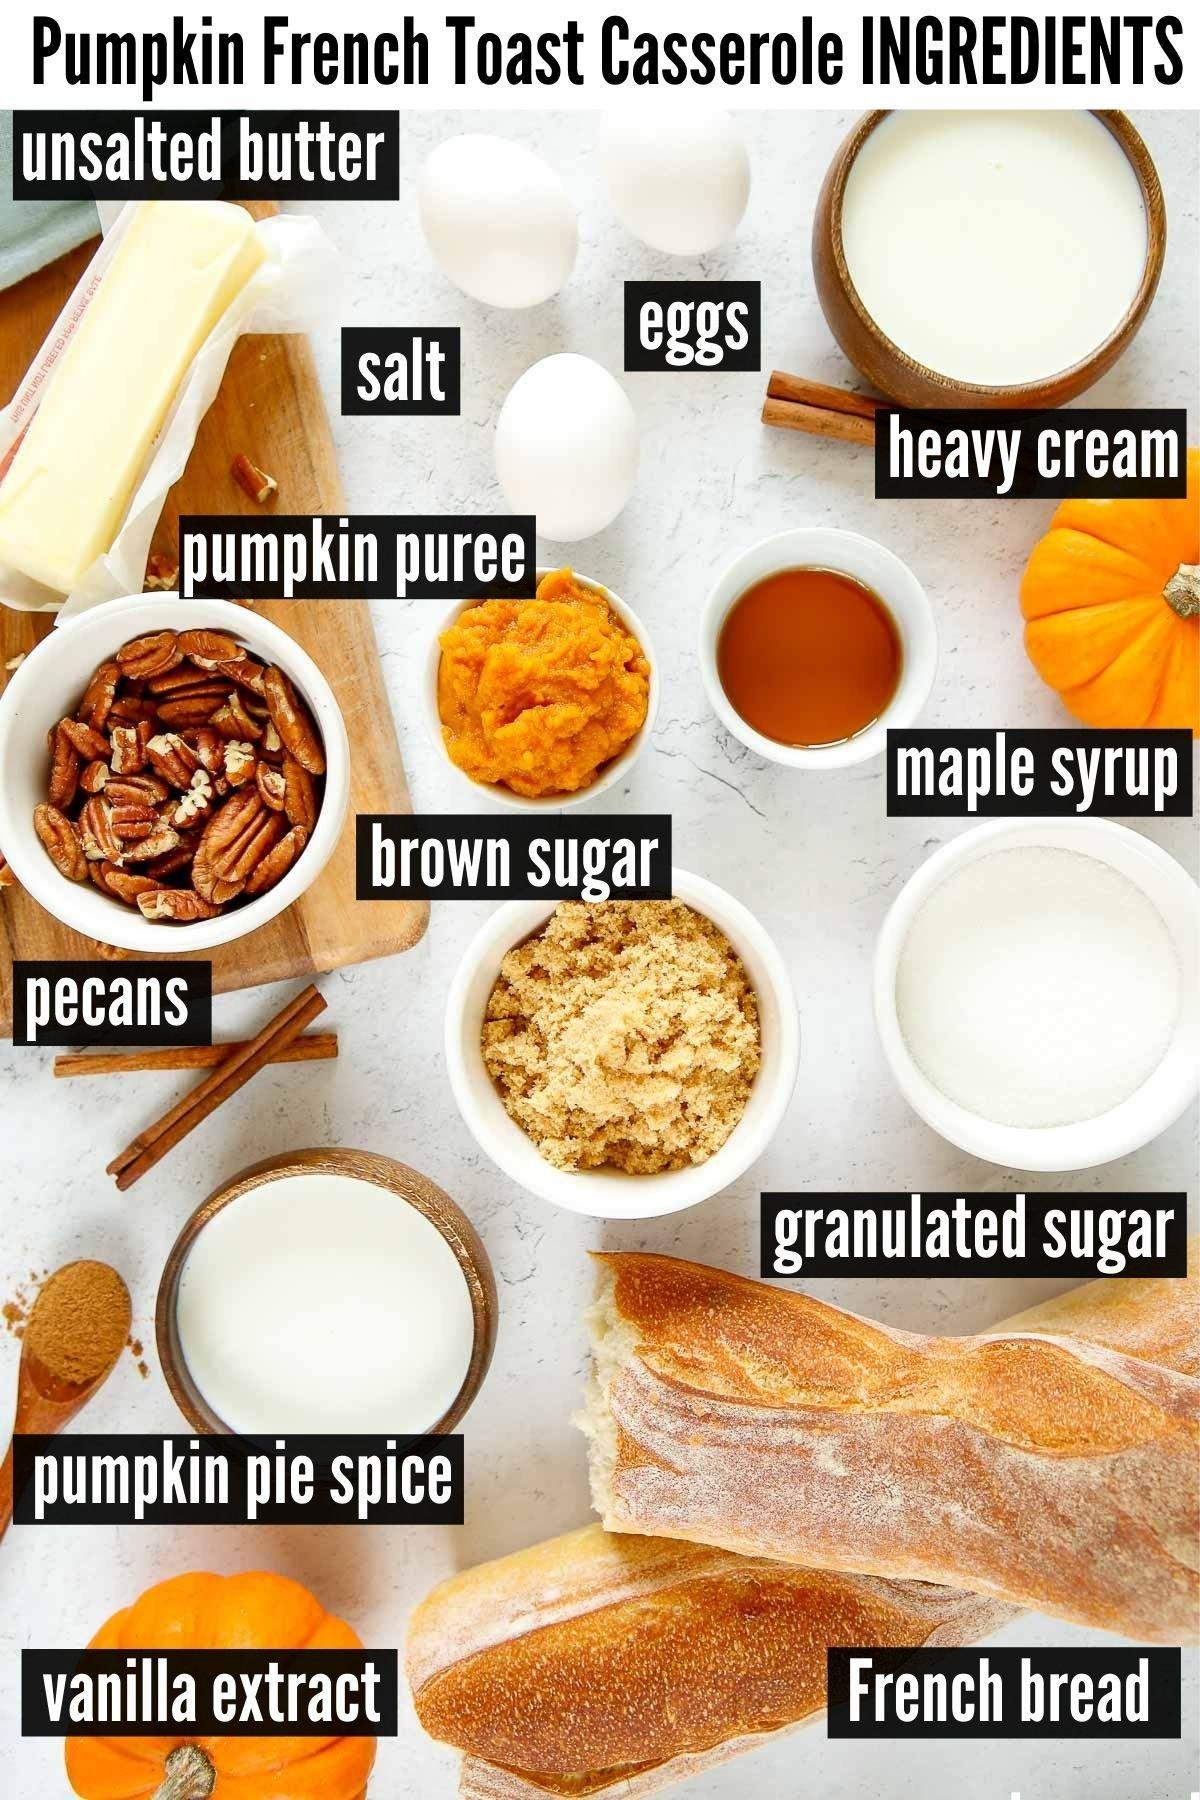 pumpkin french toast casserole ingredients